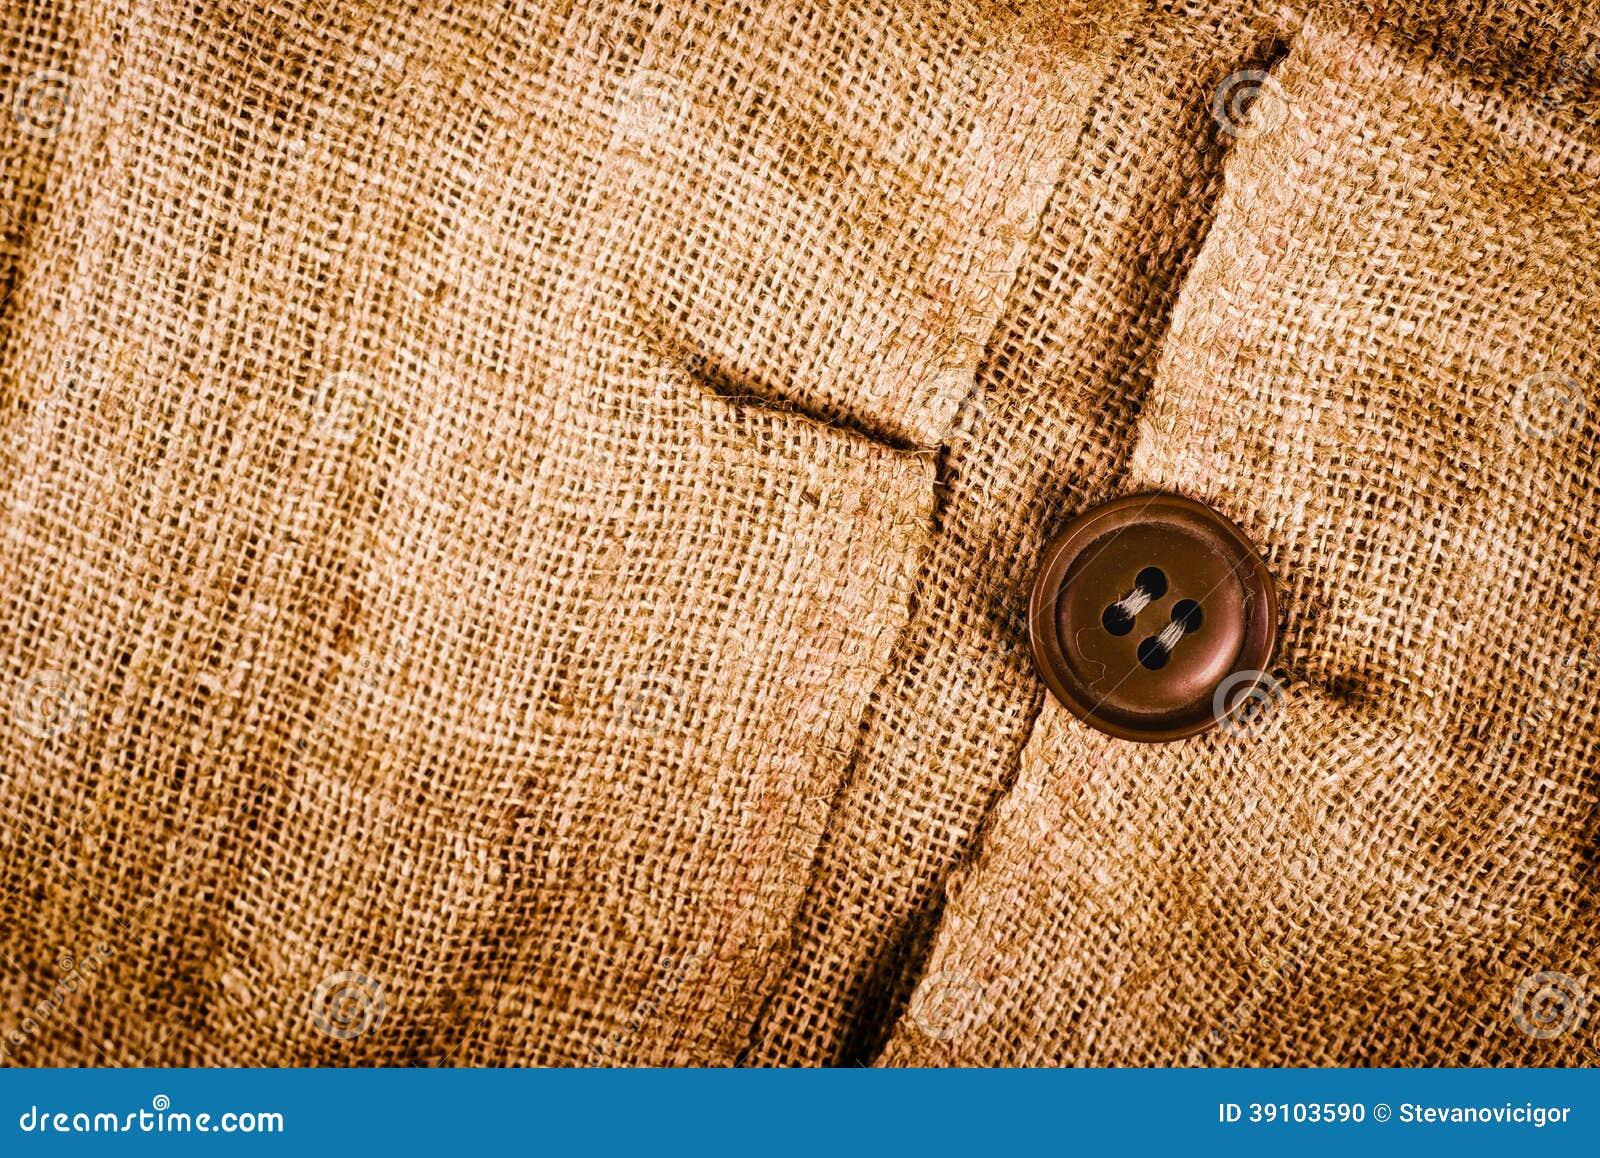 Textuur van oude vuile bruine aardappelzak.